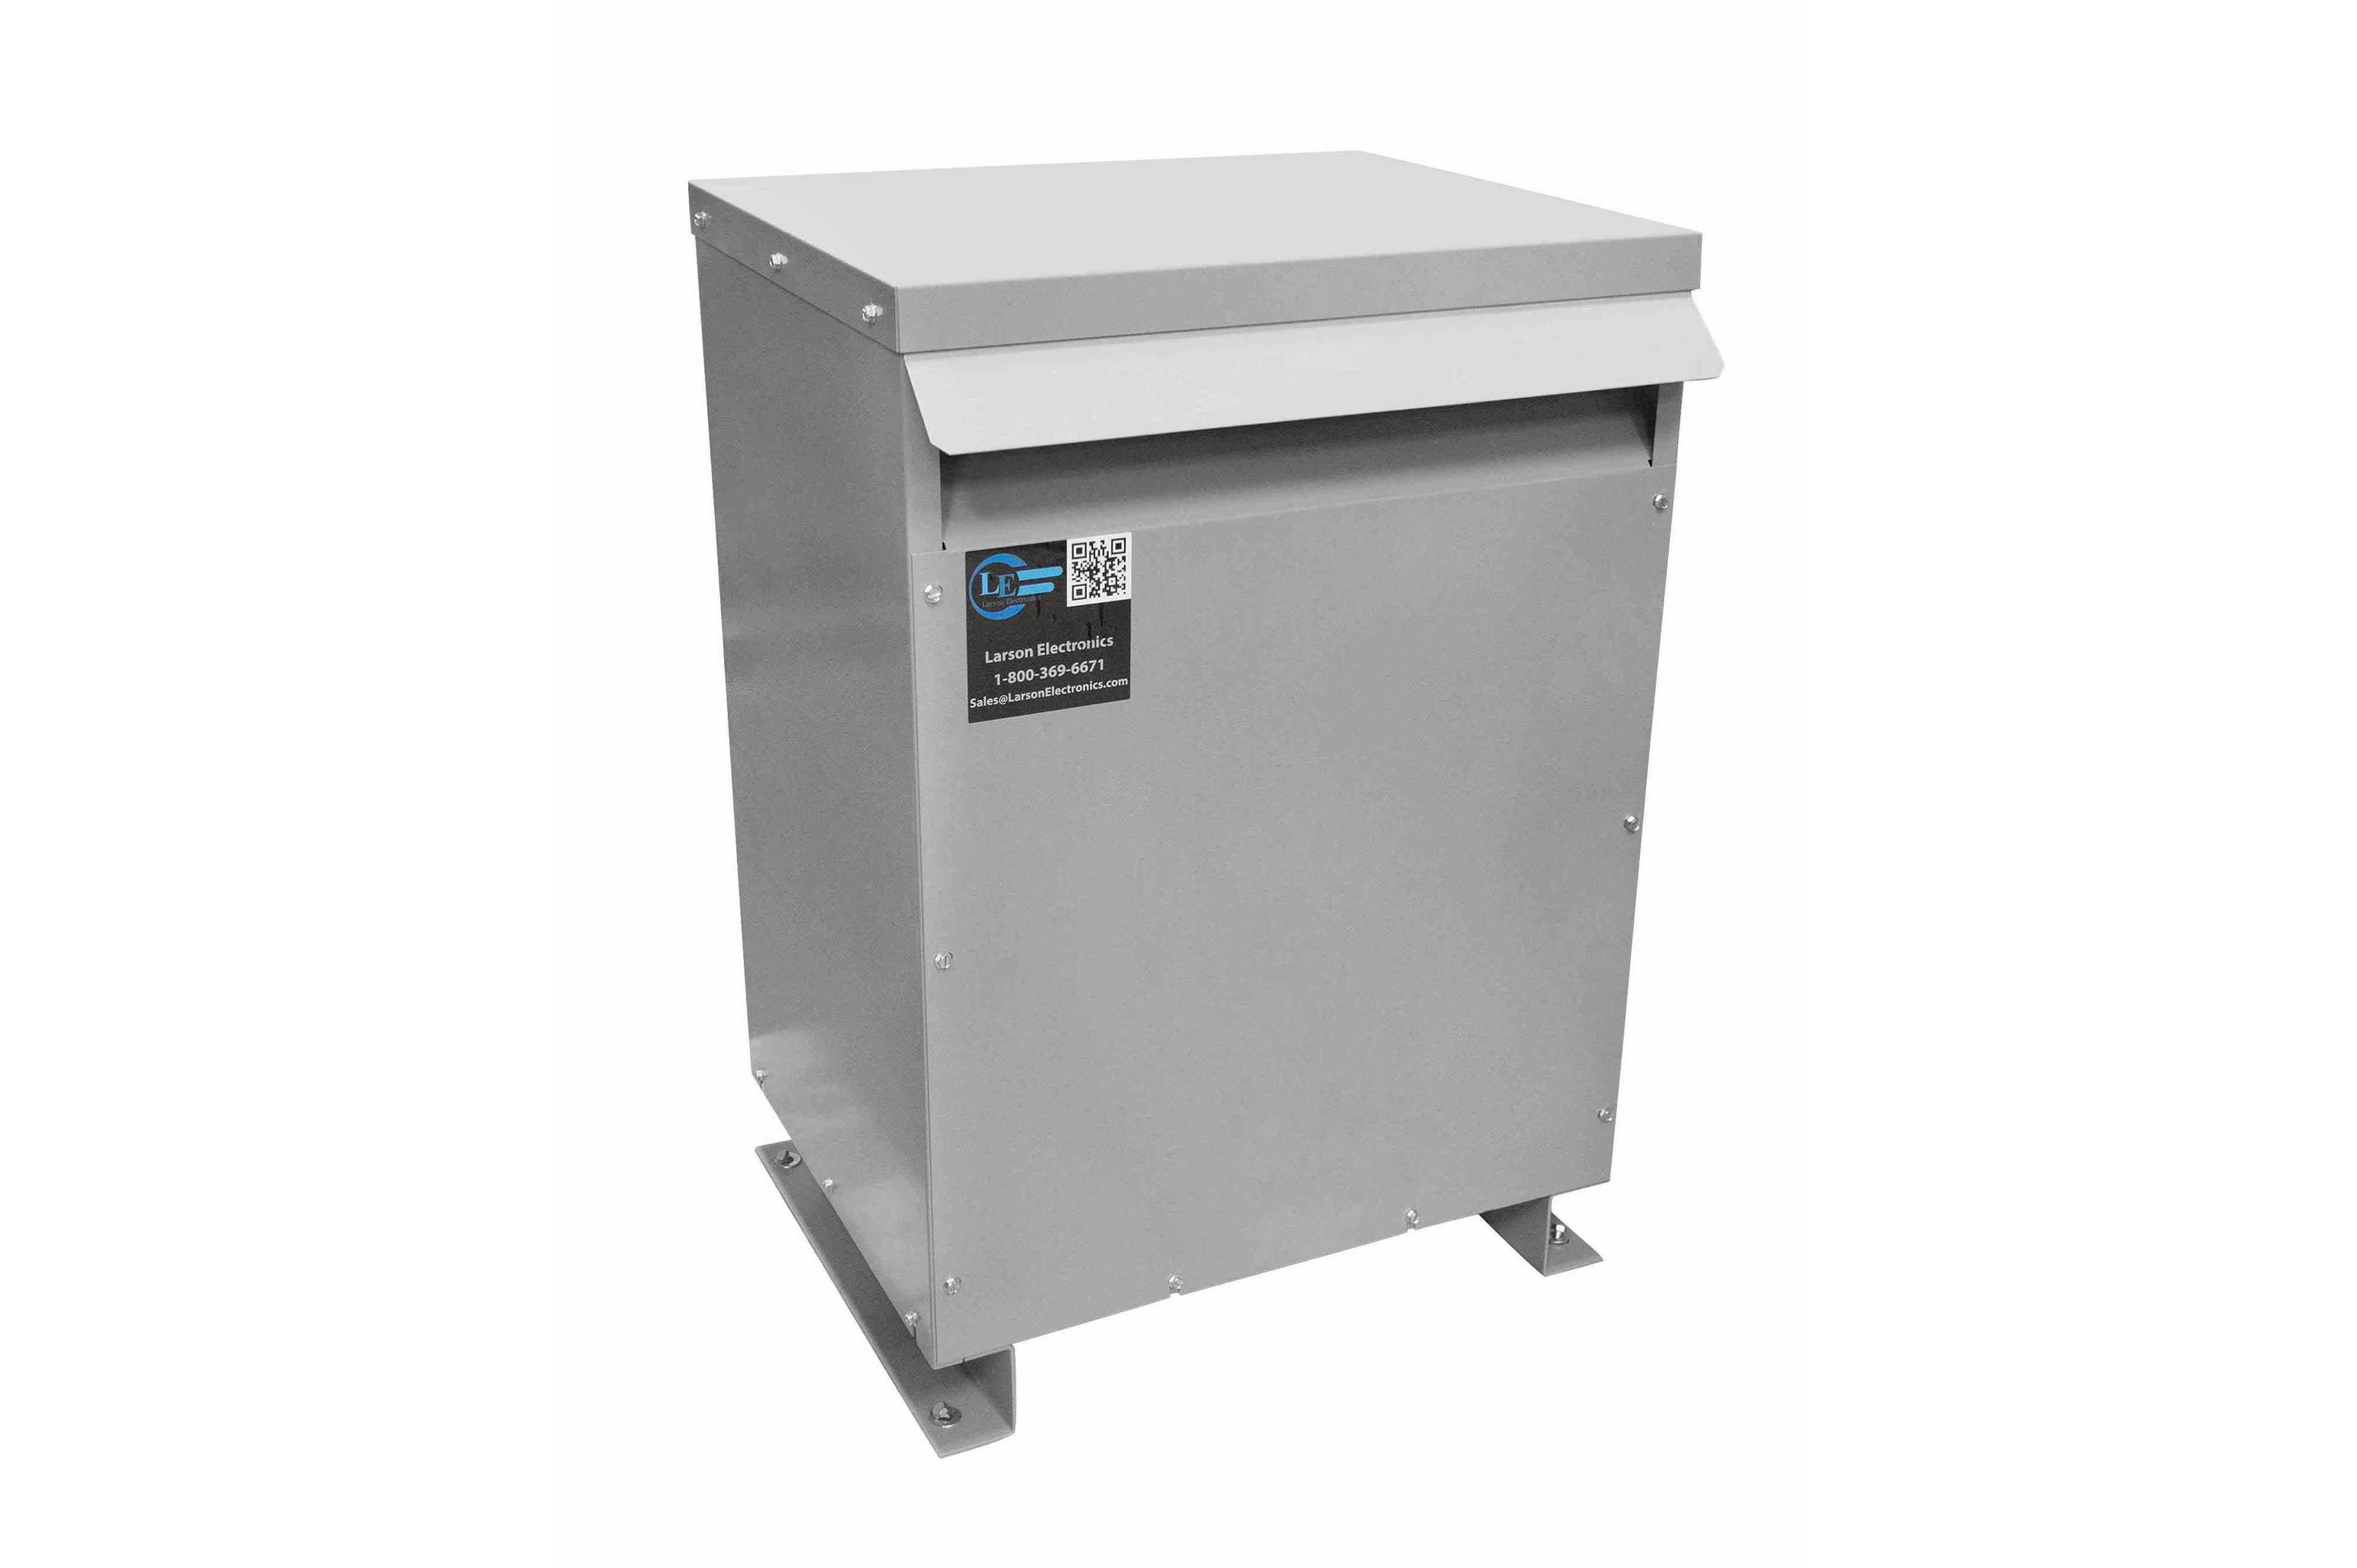 42.5 kVA 3PH Isolation Transformer, 460V Delta Primary, 415V Delta Secondary, N3R, Ventilated, 60 Hz